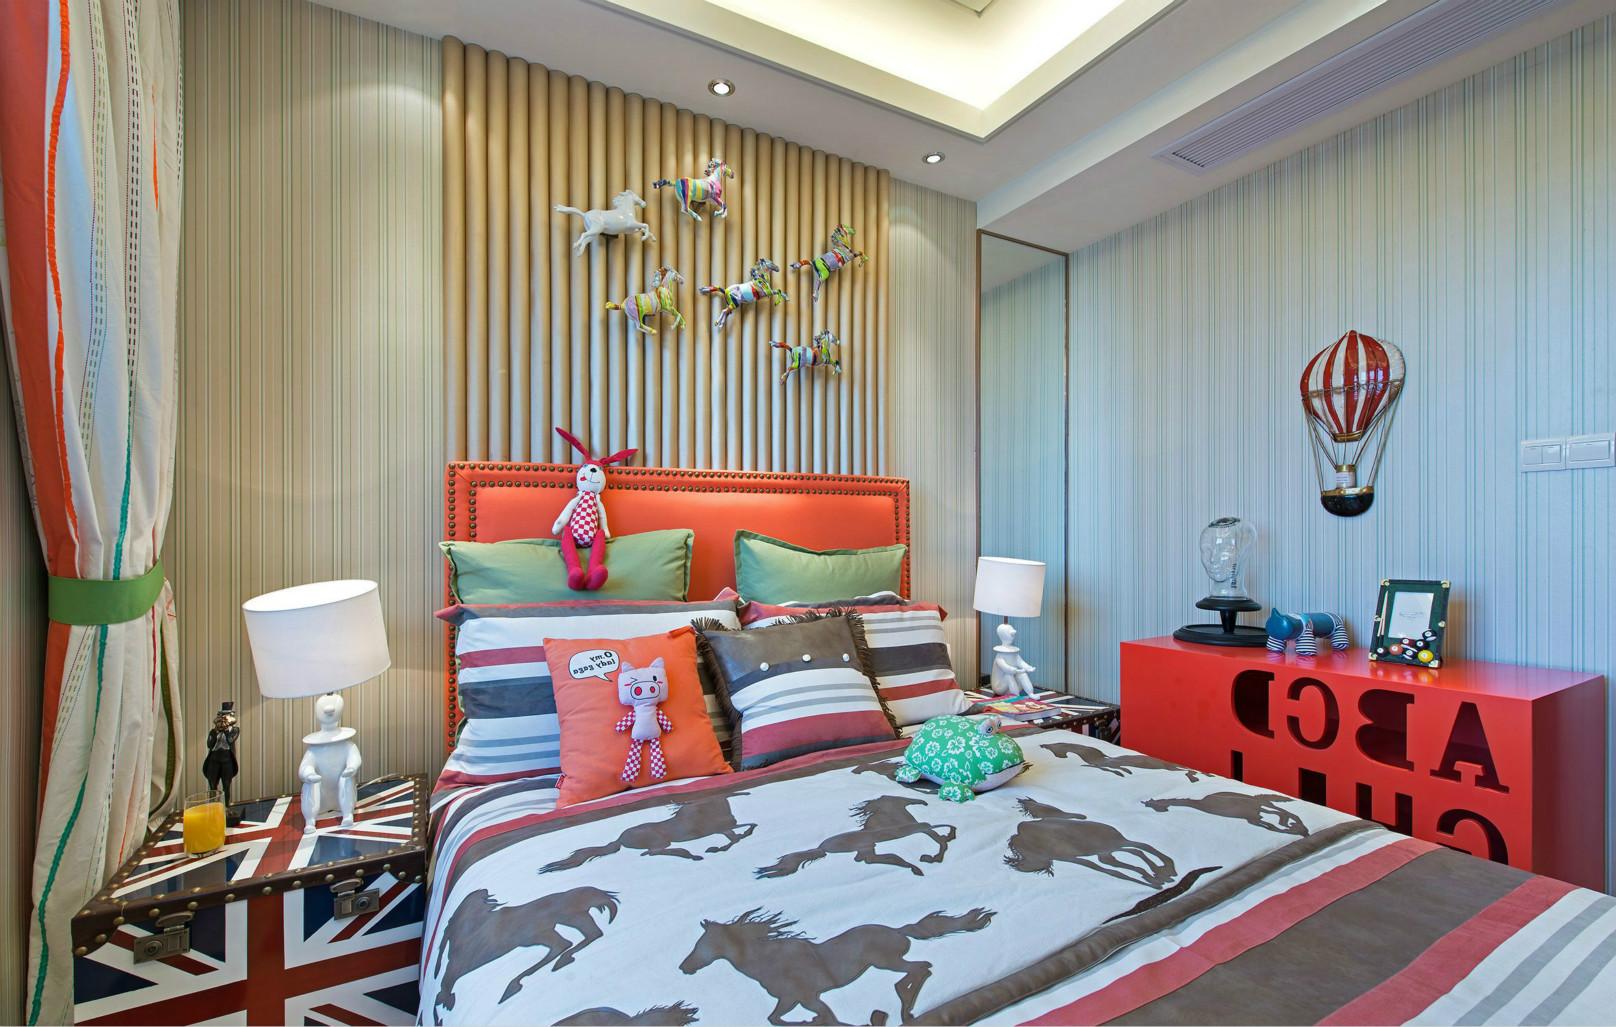 儿童有别于时尚风格,于小孩房以营造温馨感,并用壁纸线条变化,让卧眠空间有活泼生动的表情。